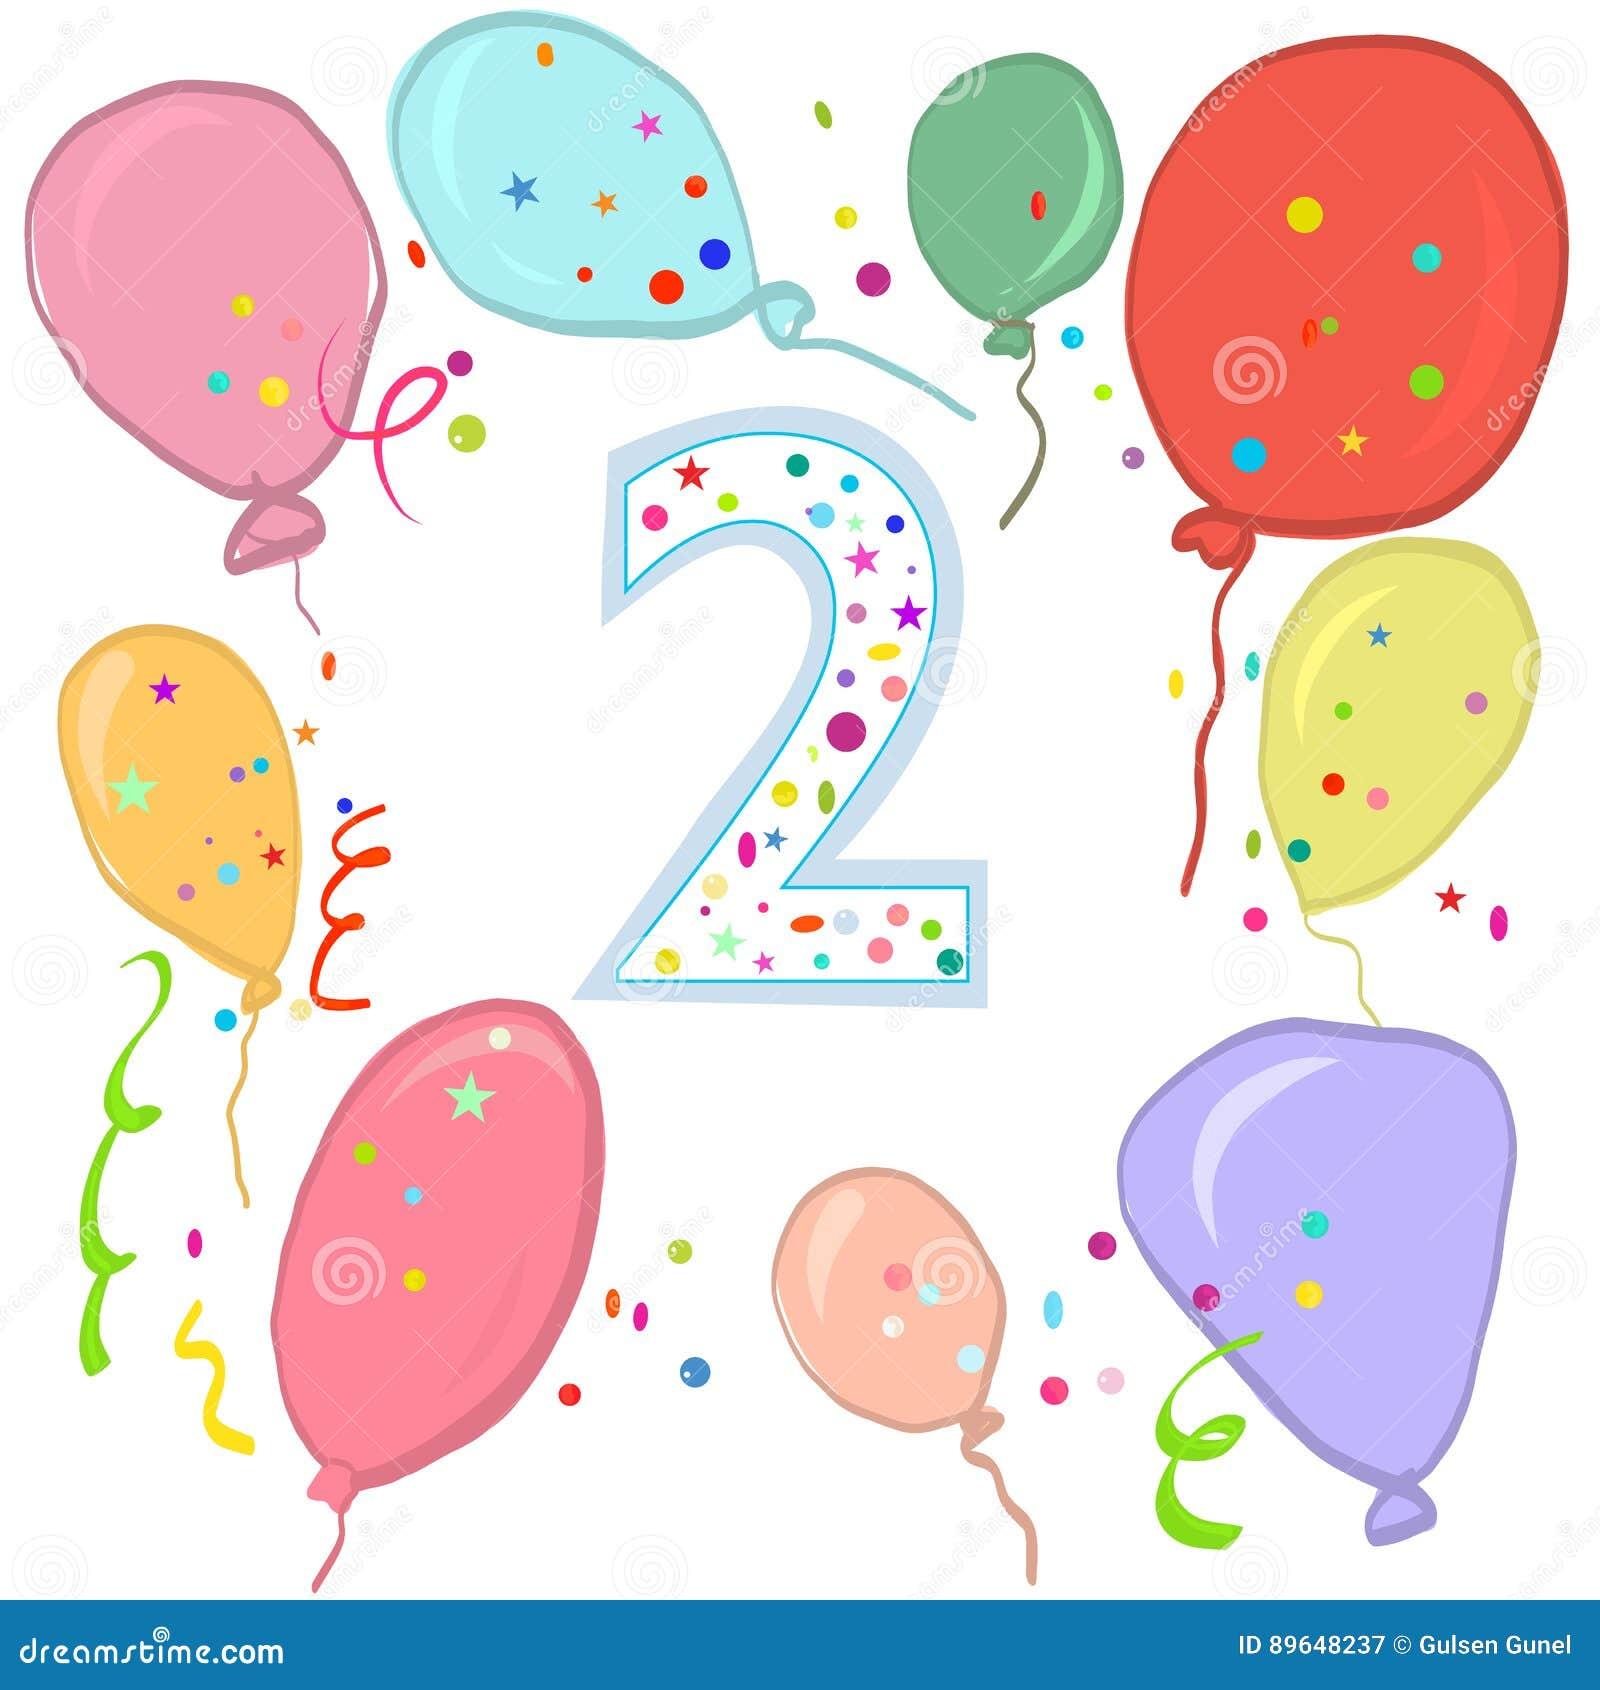 Tweede Verjaardag.Gelukkige Tweede Verjaardag De Kleurrijke Kaart Van De